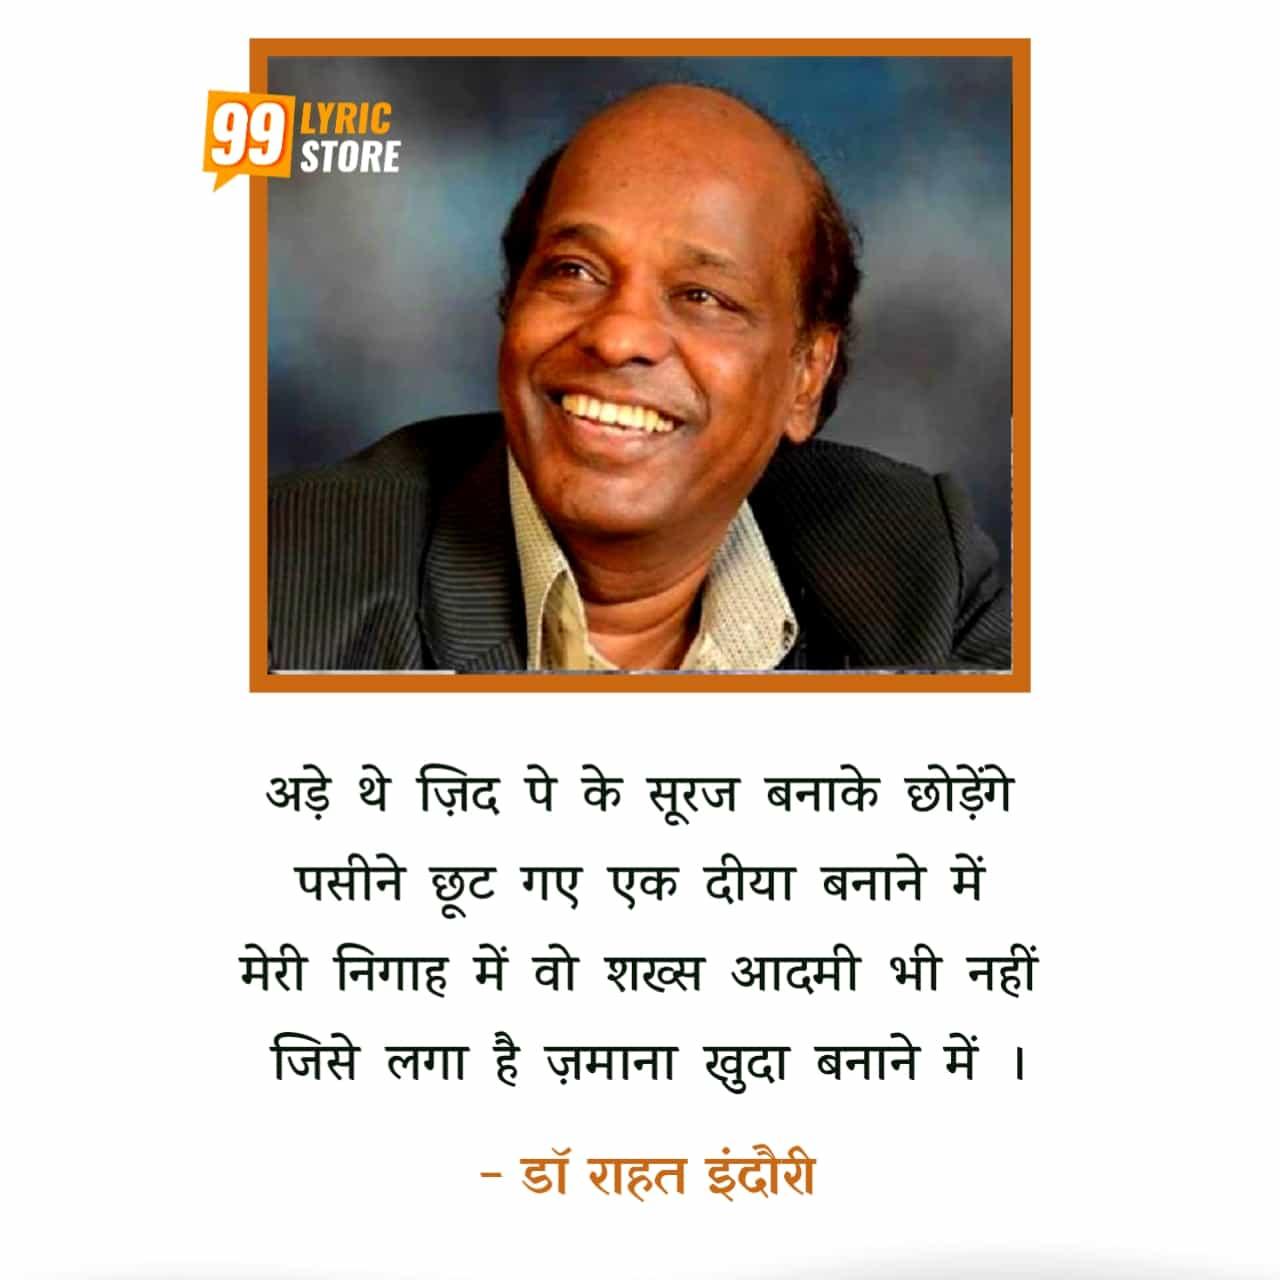 Meri Nigaah Mein Wo Shakhs Aadmi Bhi Nahi, hindi kavita written by Dr Rahat Indori.